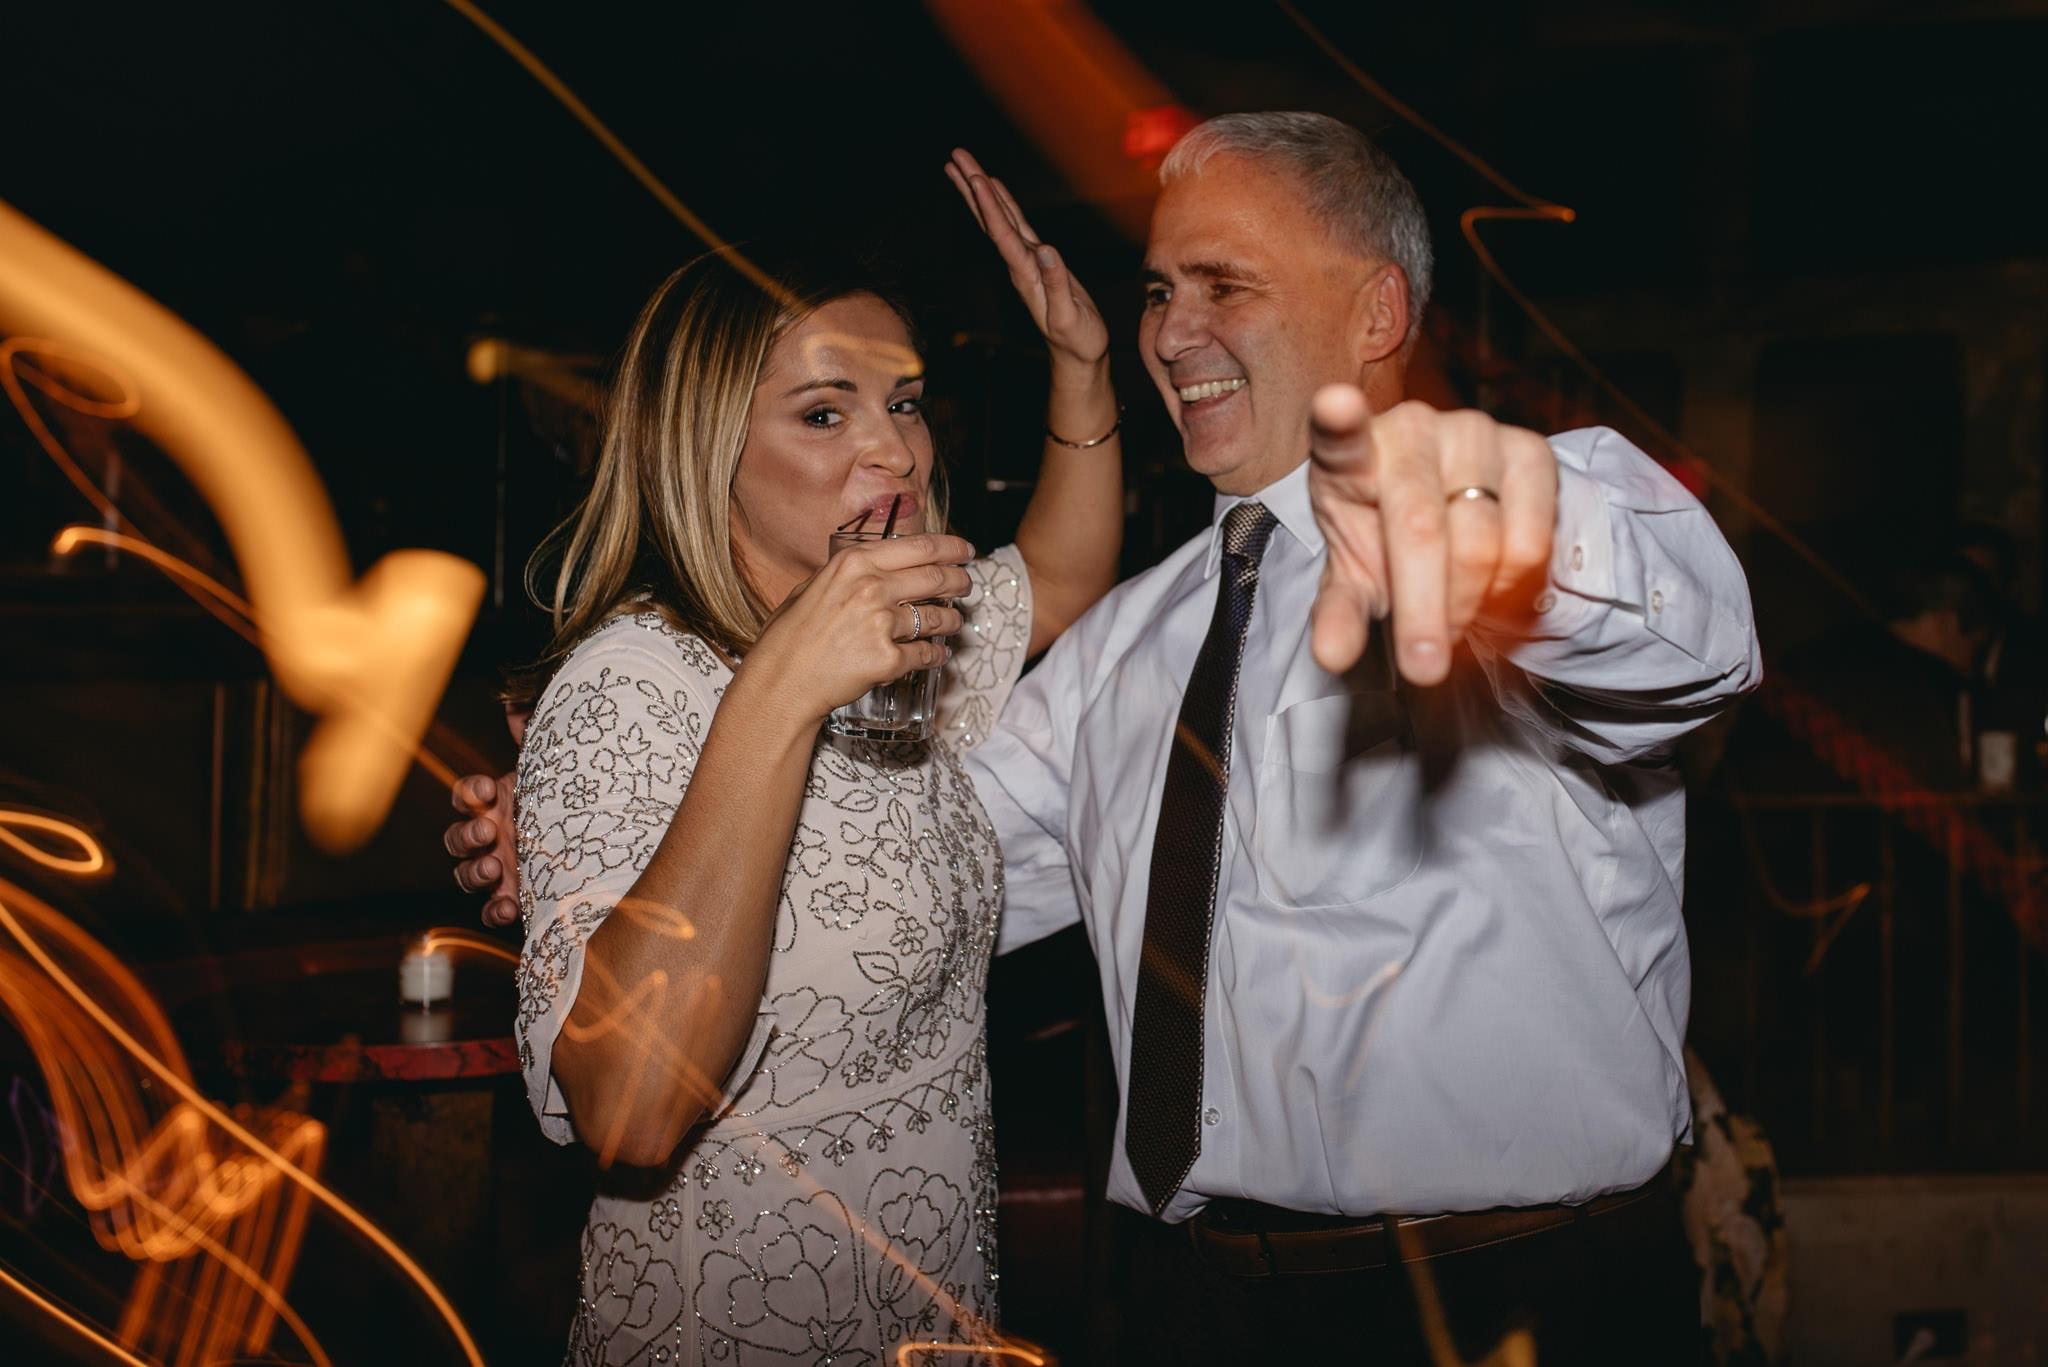 helsinki-hudson-wedding-56